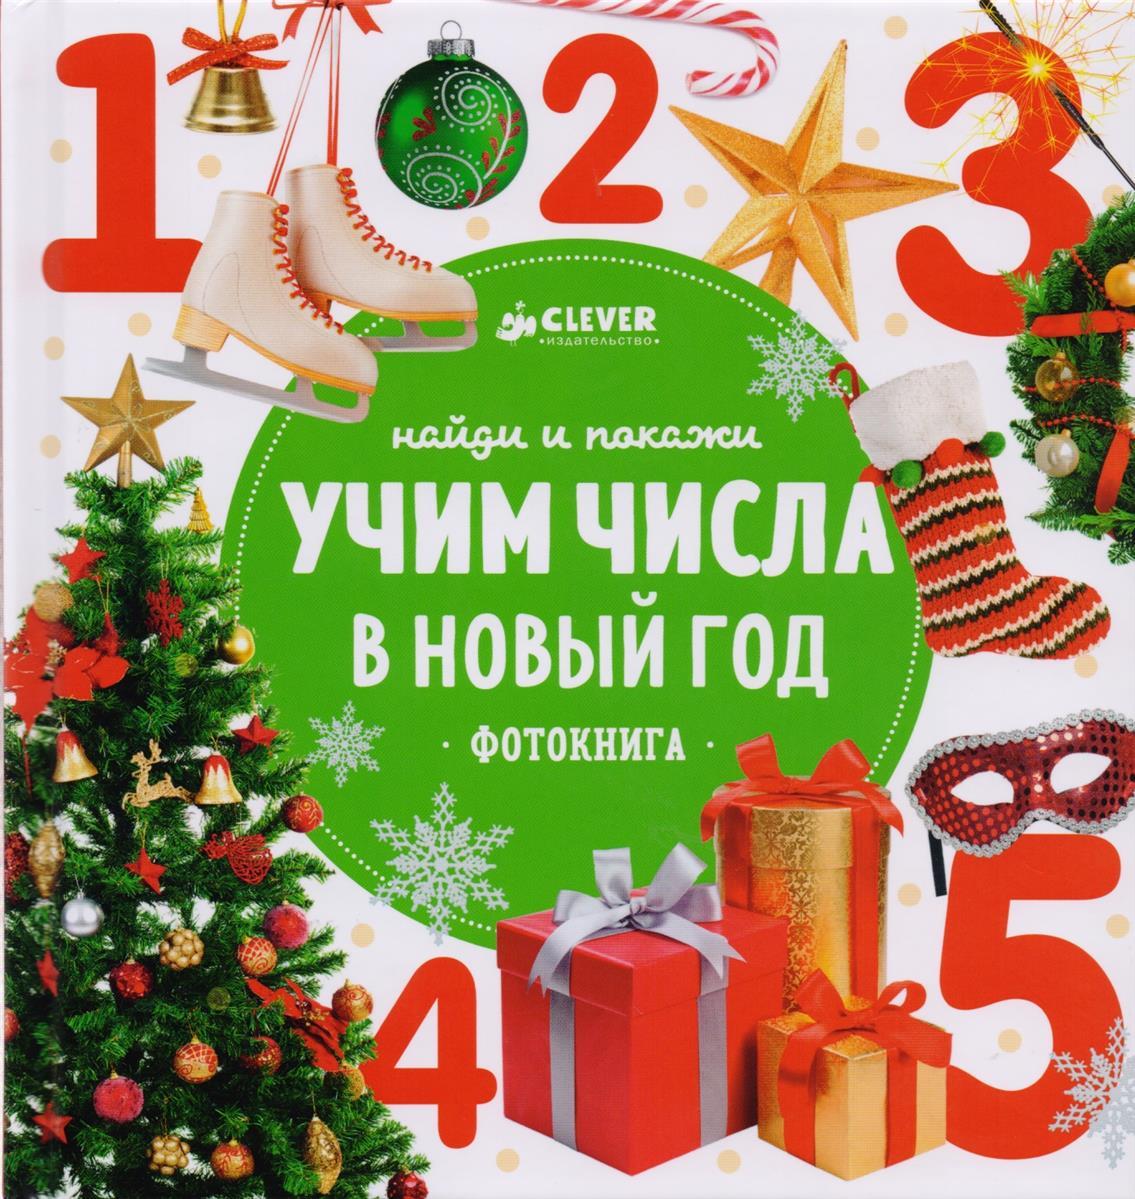 Сотникова А. Найди и покажи. Учим числа в Новый год. Фотокнига ISBN: 9785001151418 герасименко а найди и покажи малыш в парке